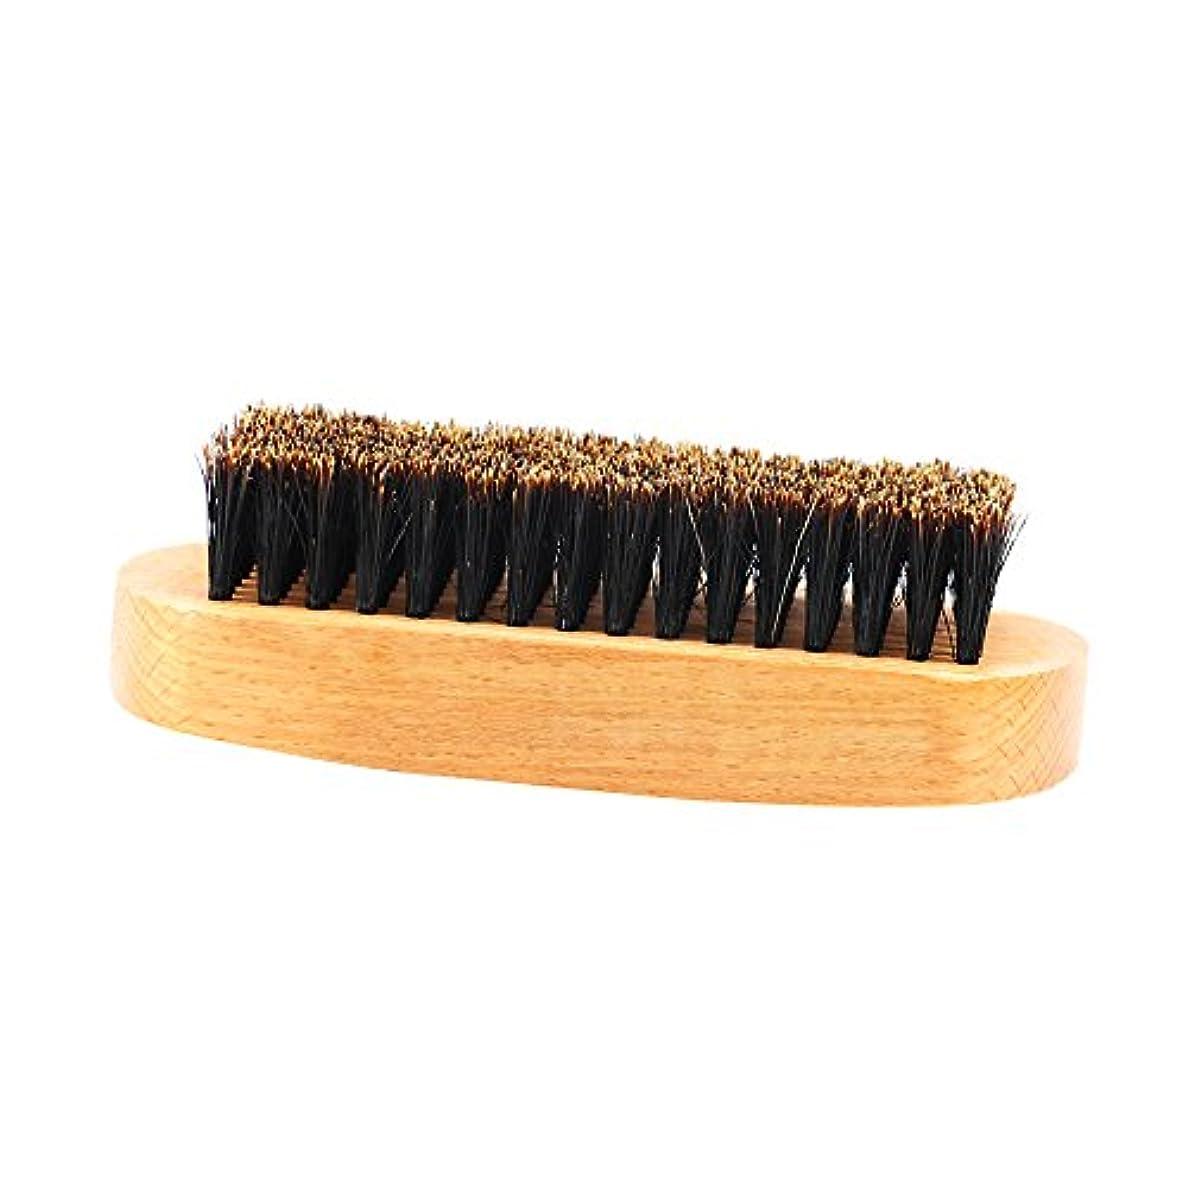 電話するデコレーション分岐する人の口ひげのスタイリングの手入れをすることのための木のハンドルのひげのブラシのイノシシの剛毛 - #1